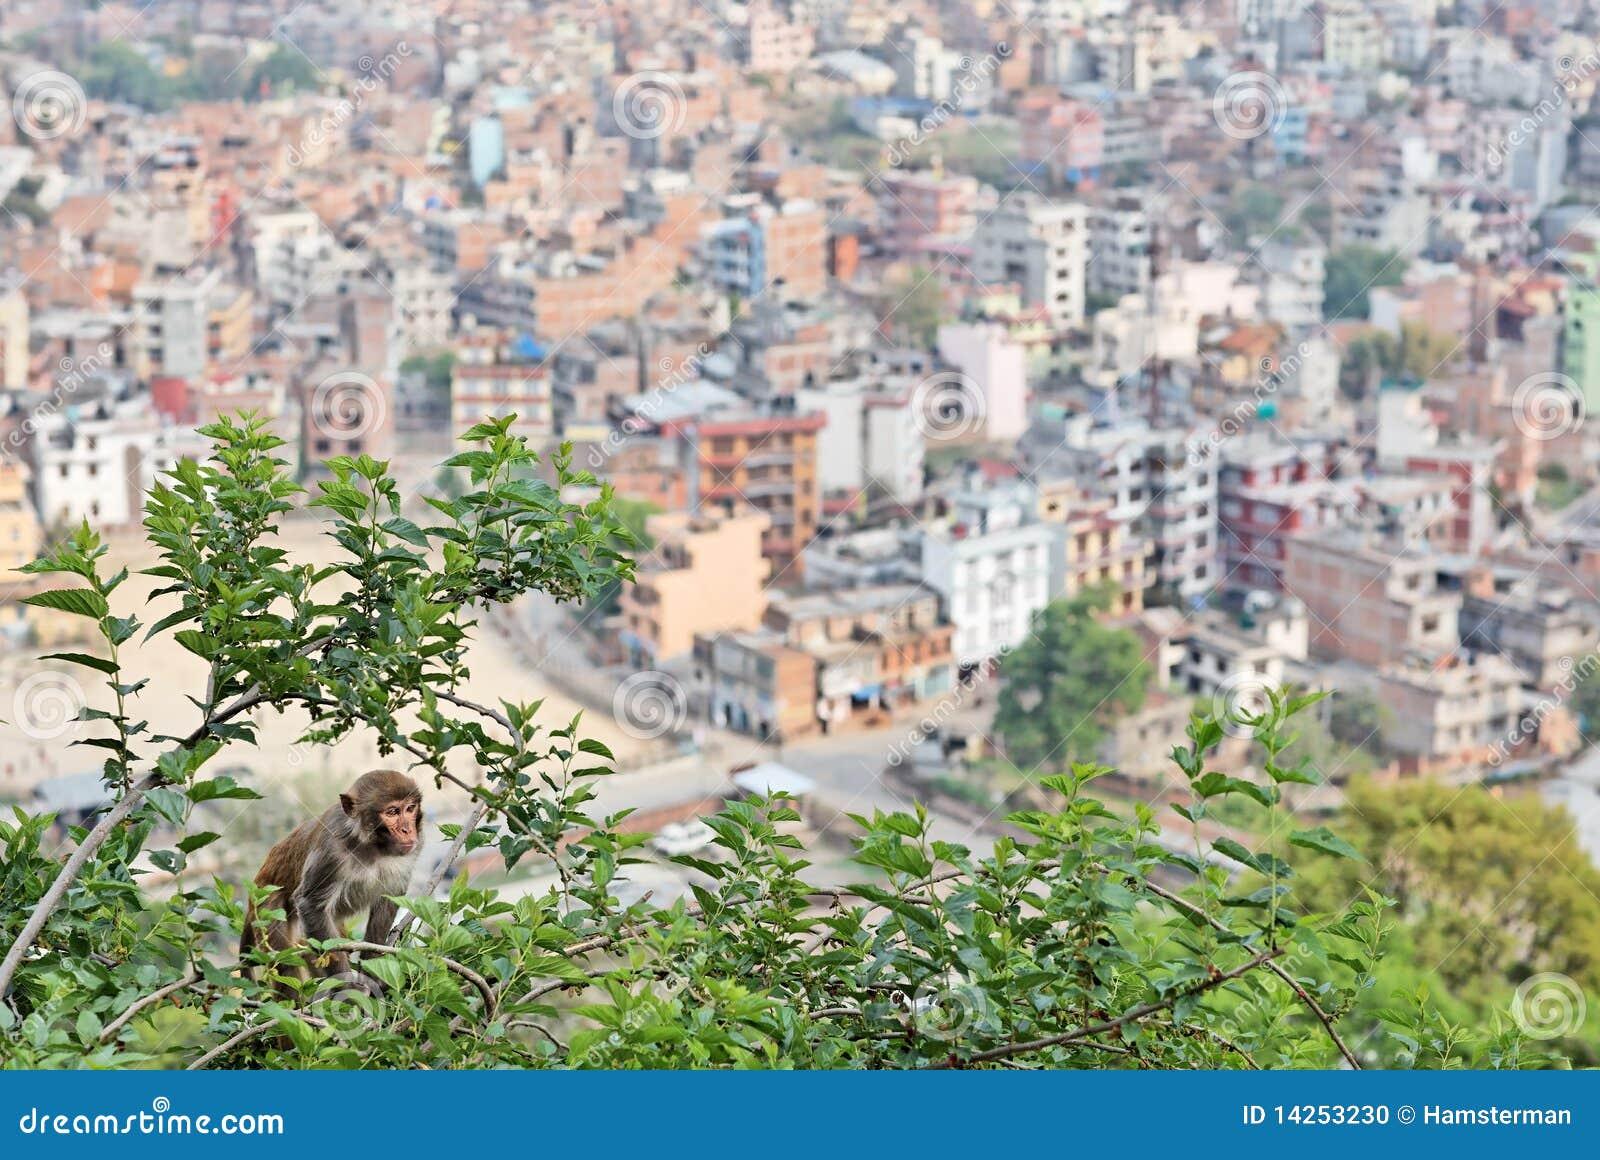 δέντρο μουριών πιθήκων